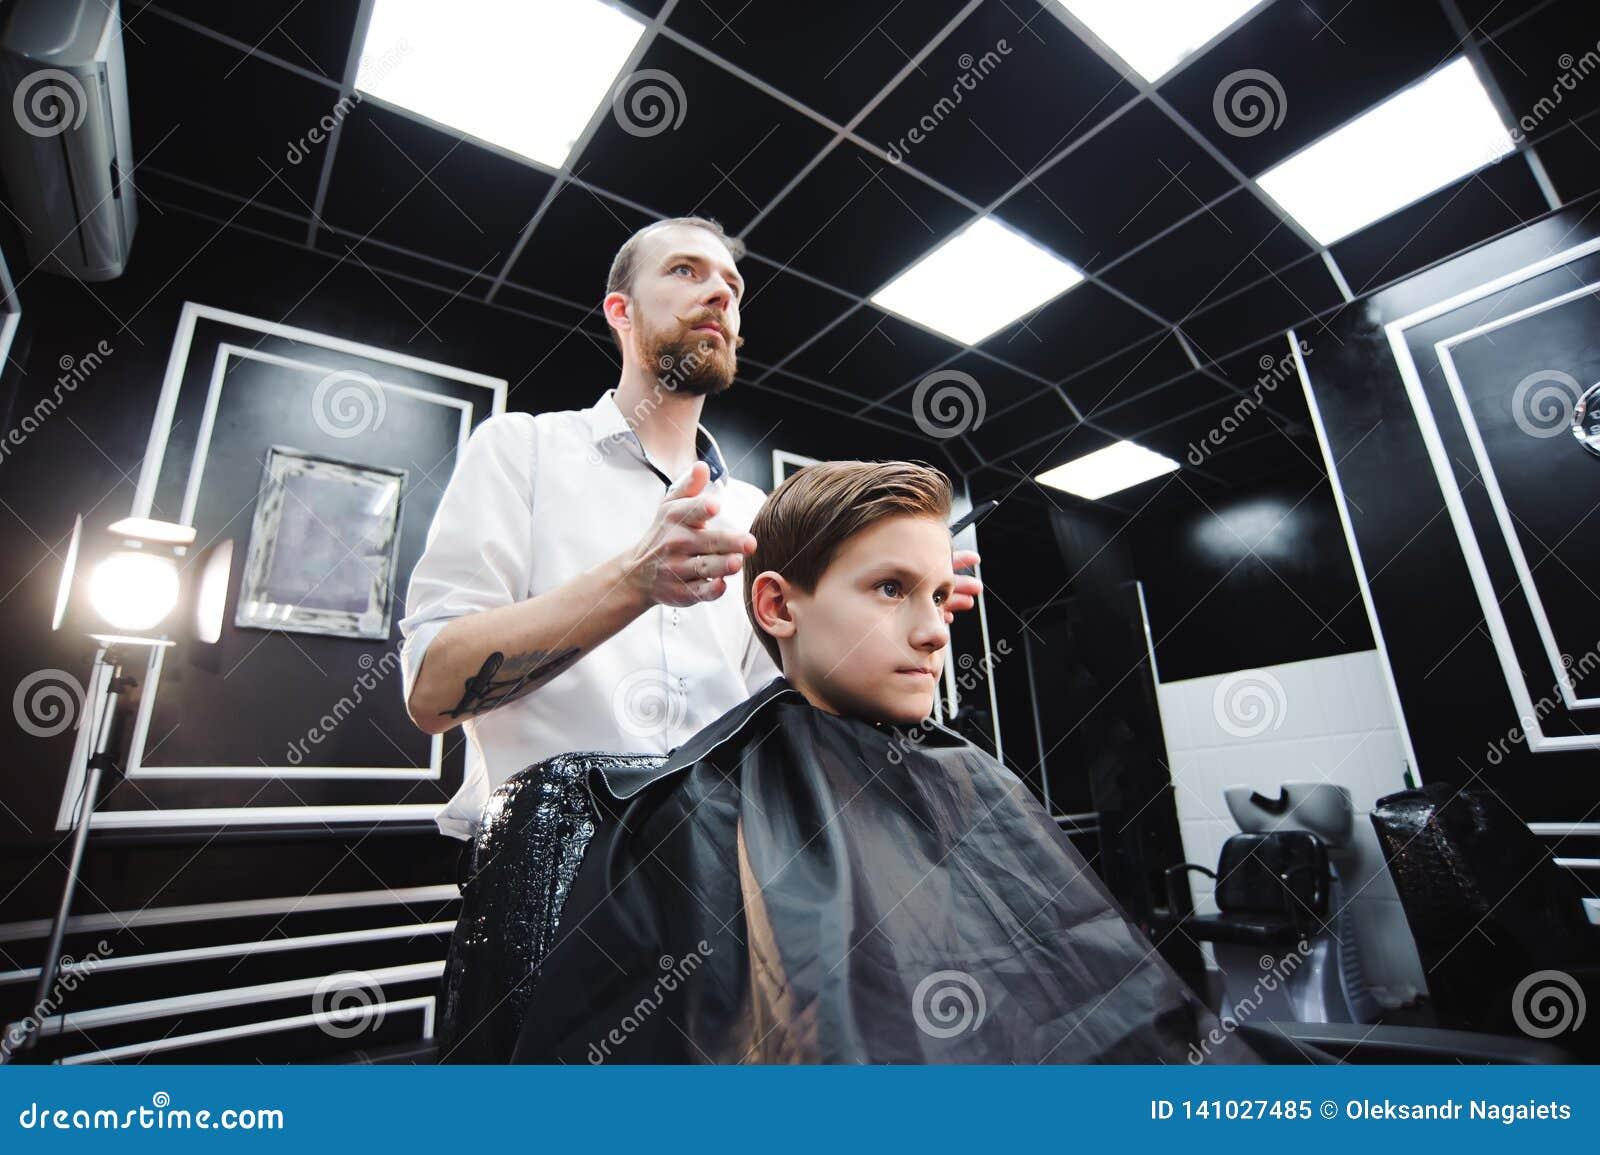 De meester snijdt haar van een jongen in de herenkapper, maakt de kapper kapsel voor een jongen